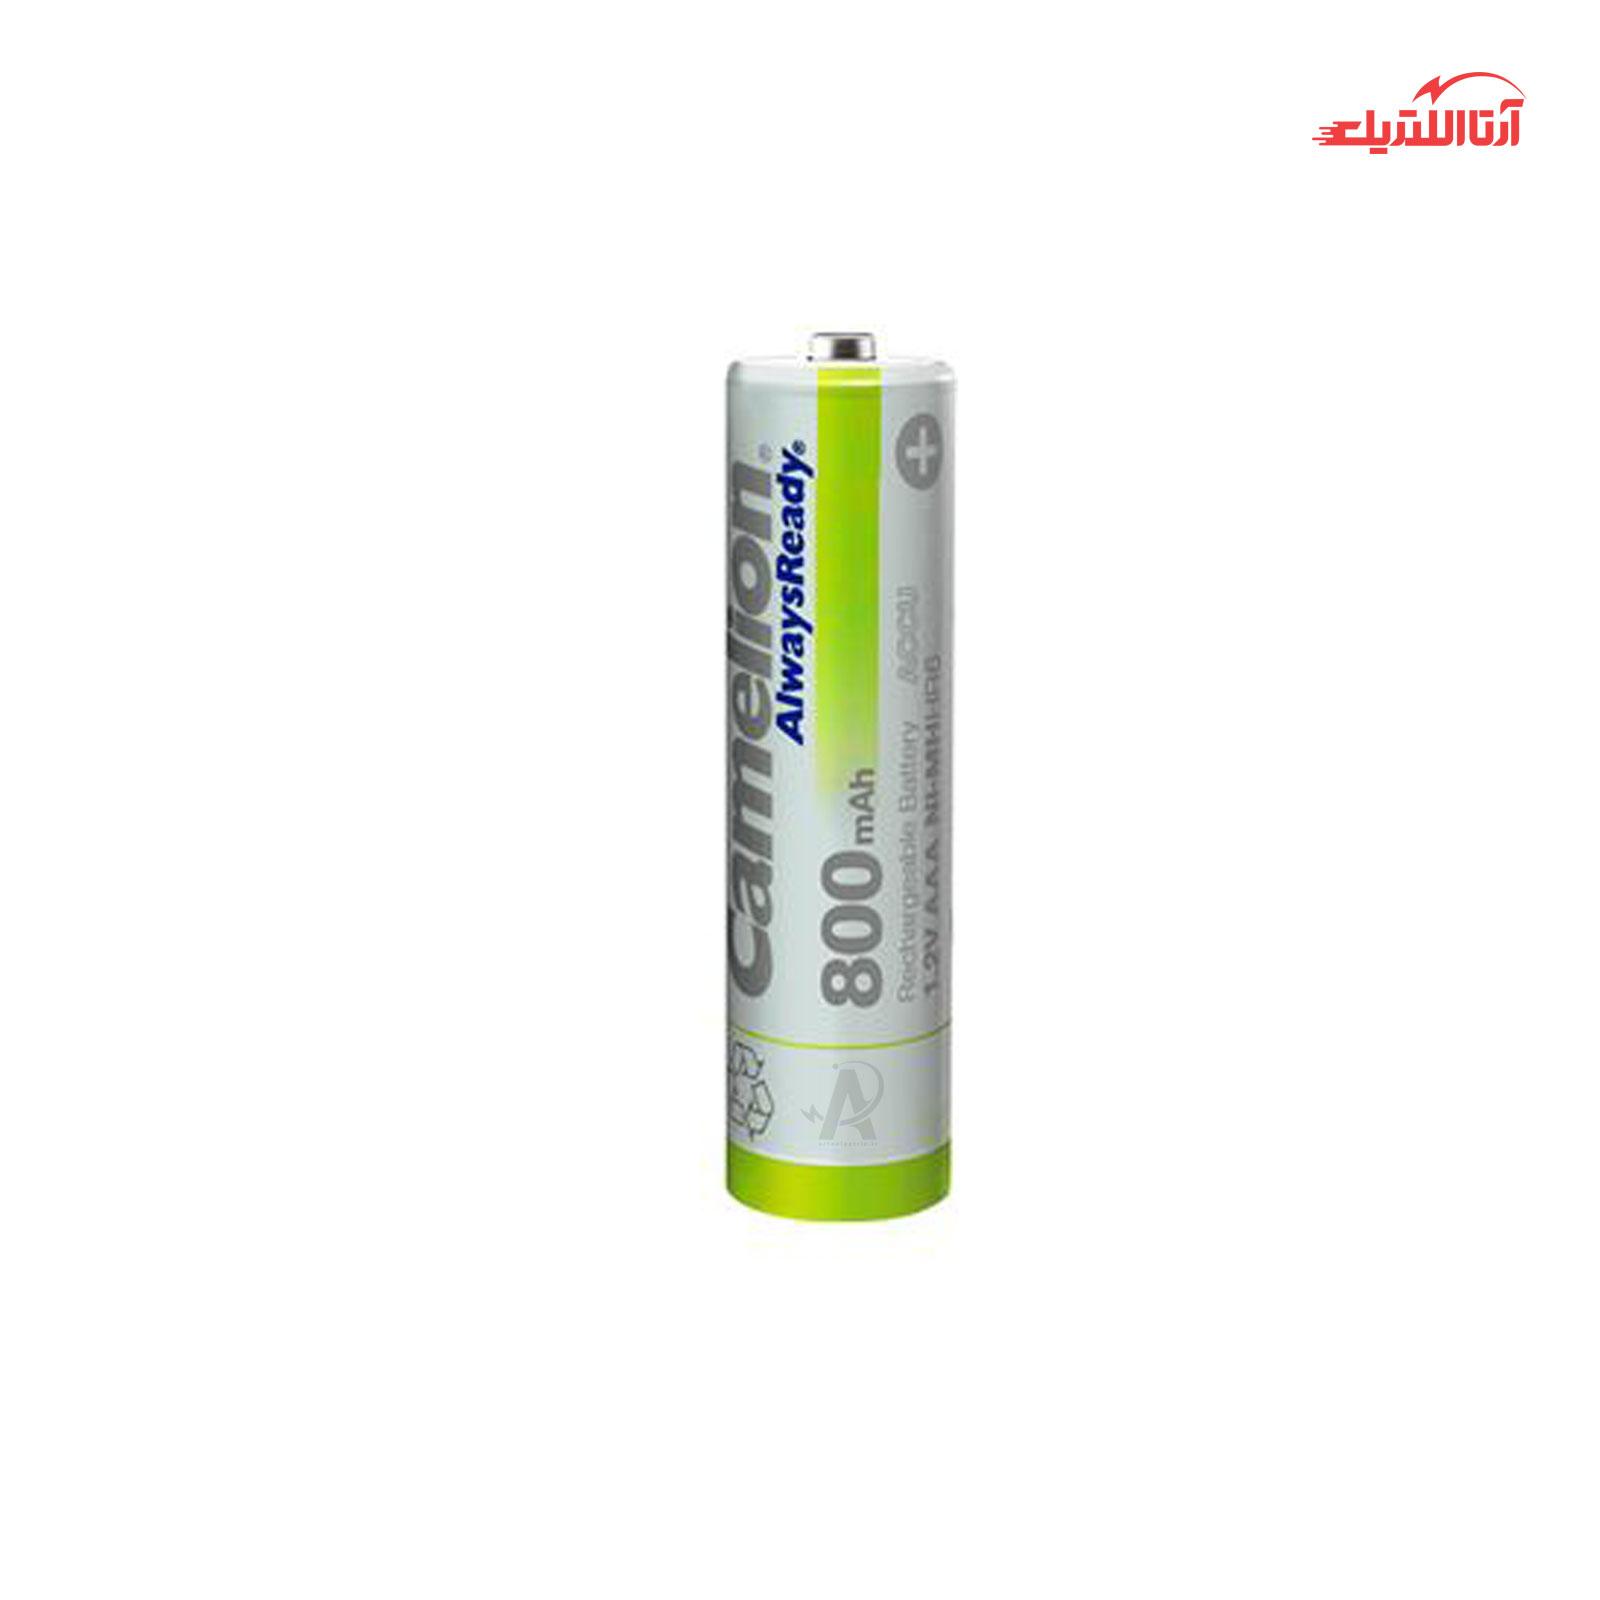 باتری نیم قلمی قابل شارژ کملیون مدل Always Ready ظرفیت 800mAh بسته 2 عددی